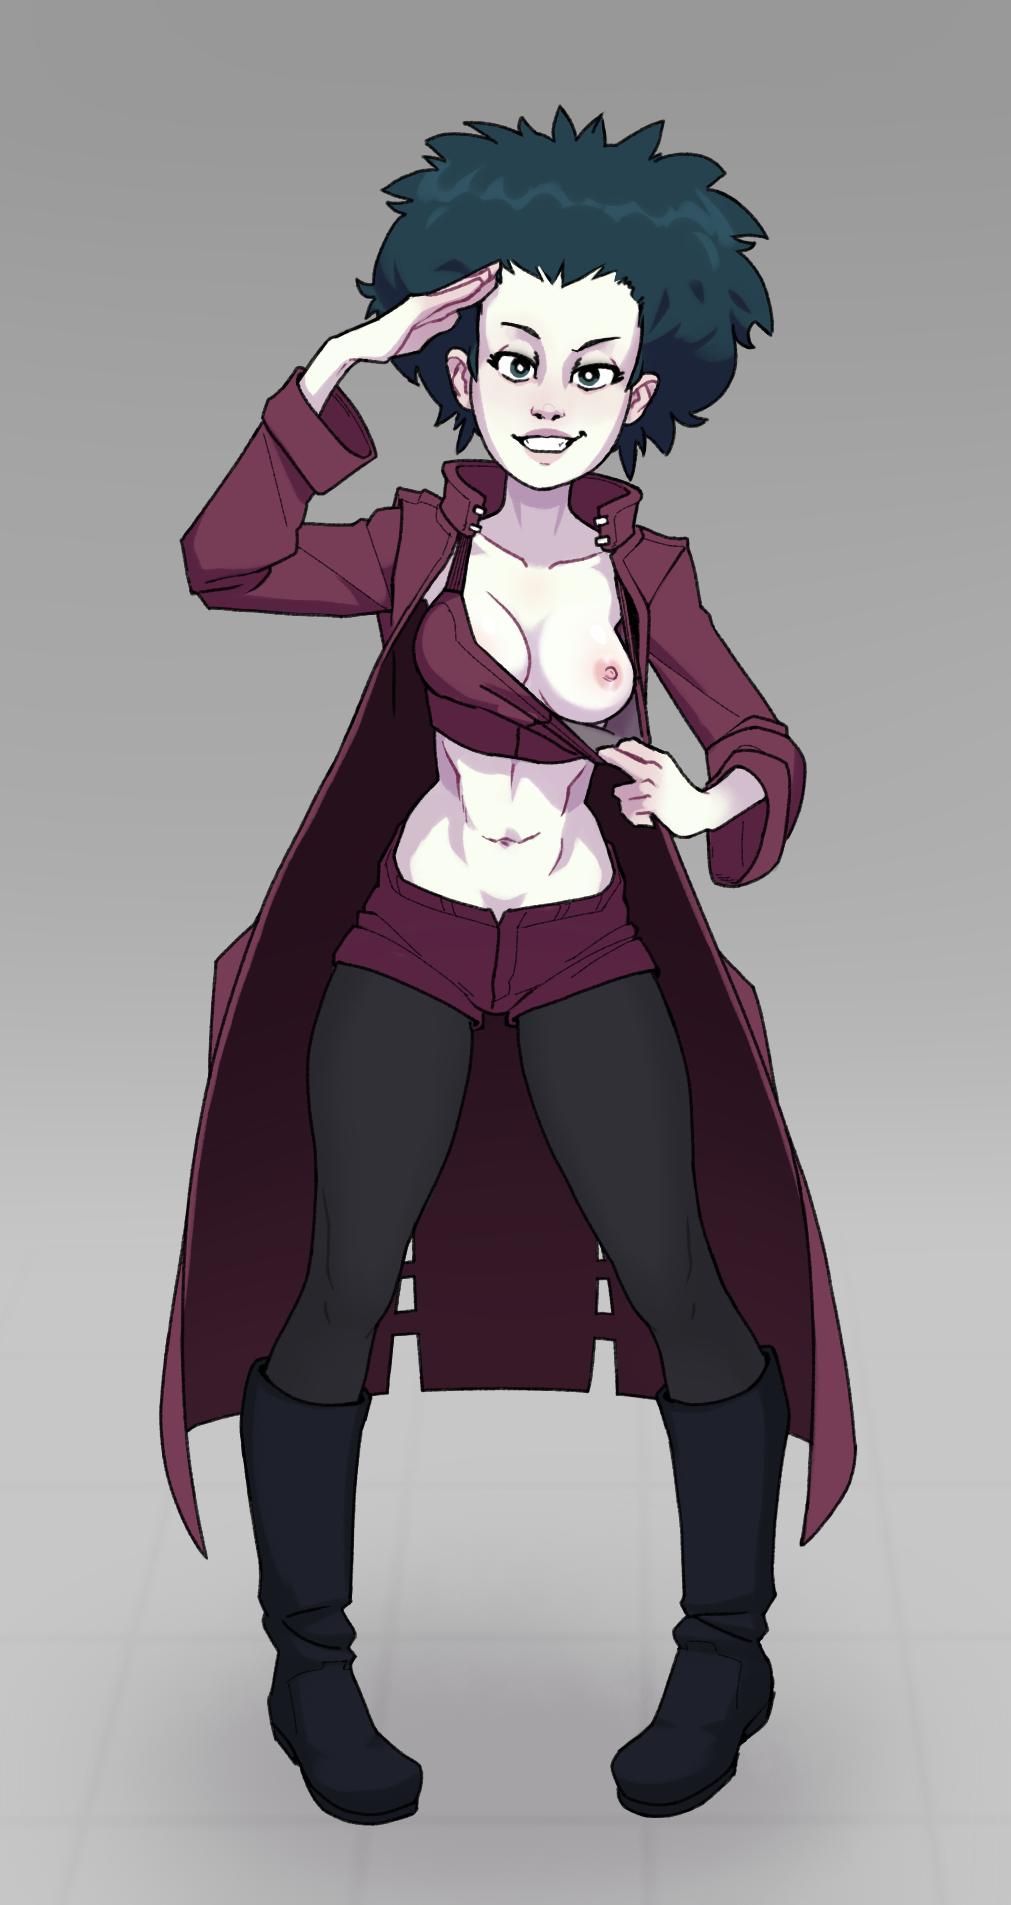 [commission] Lash